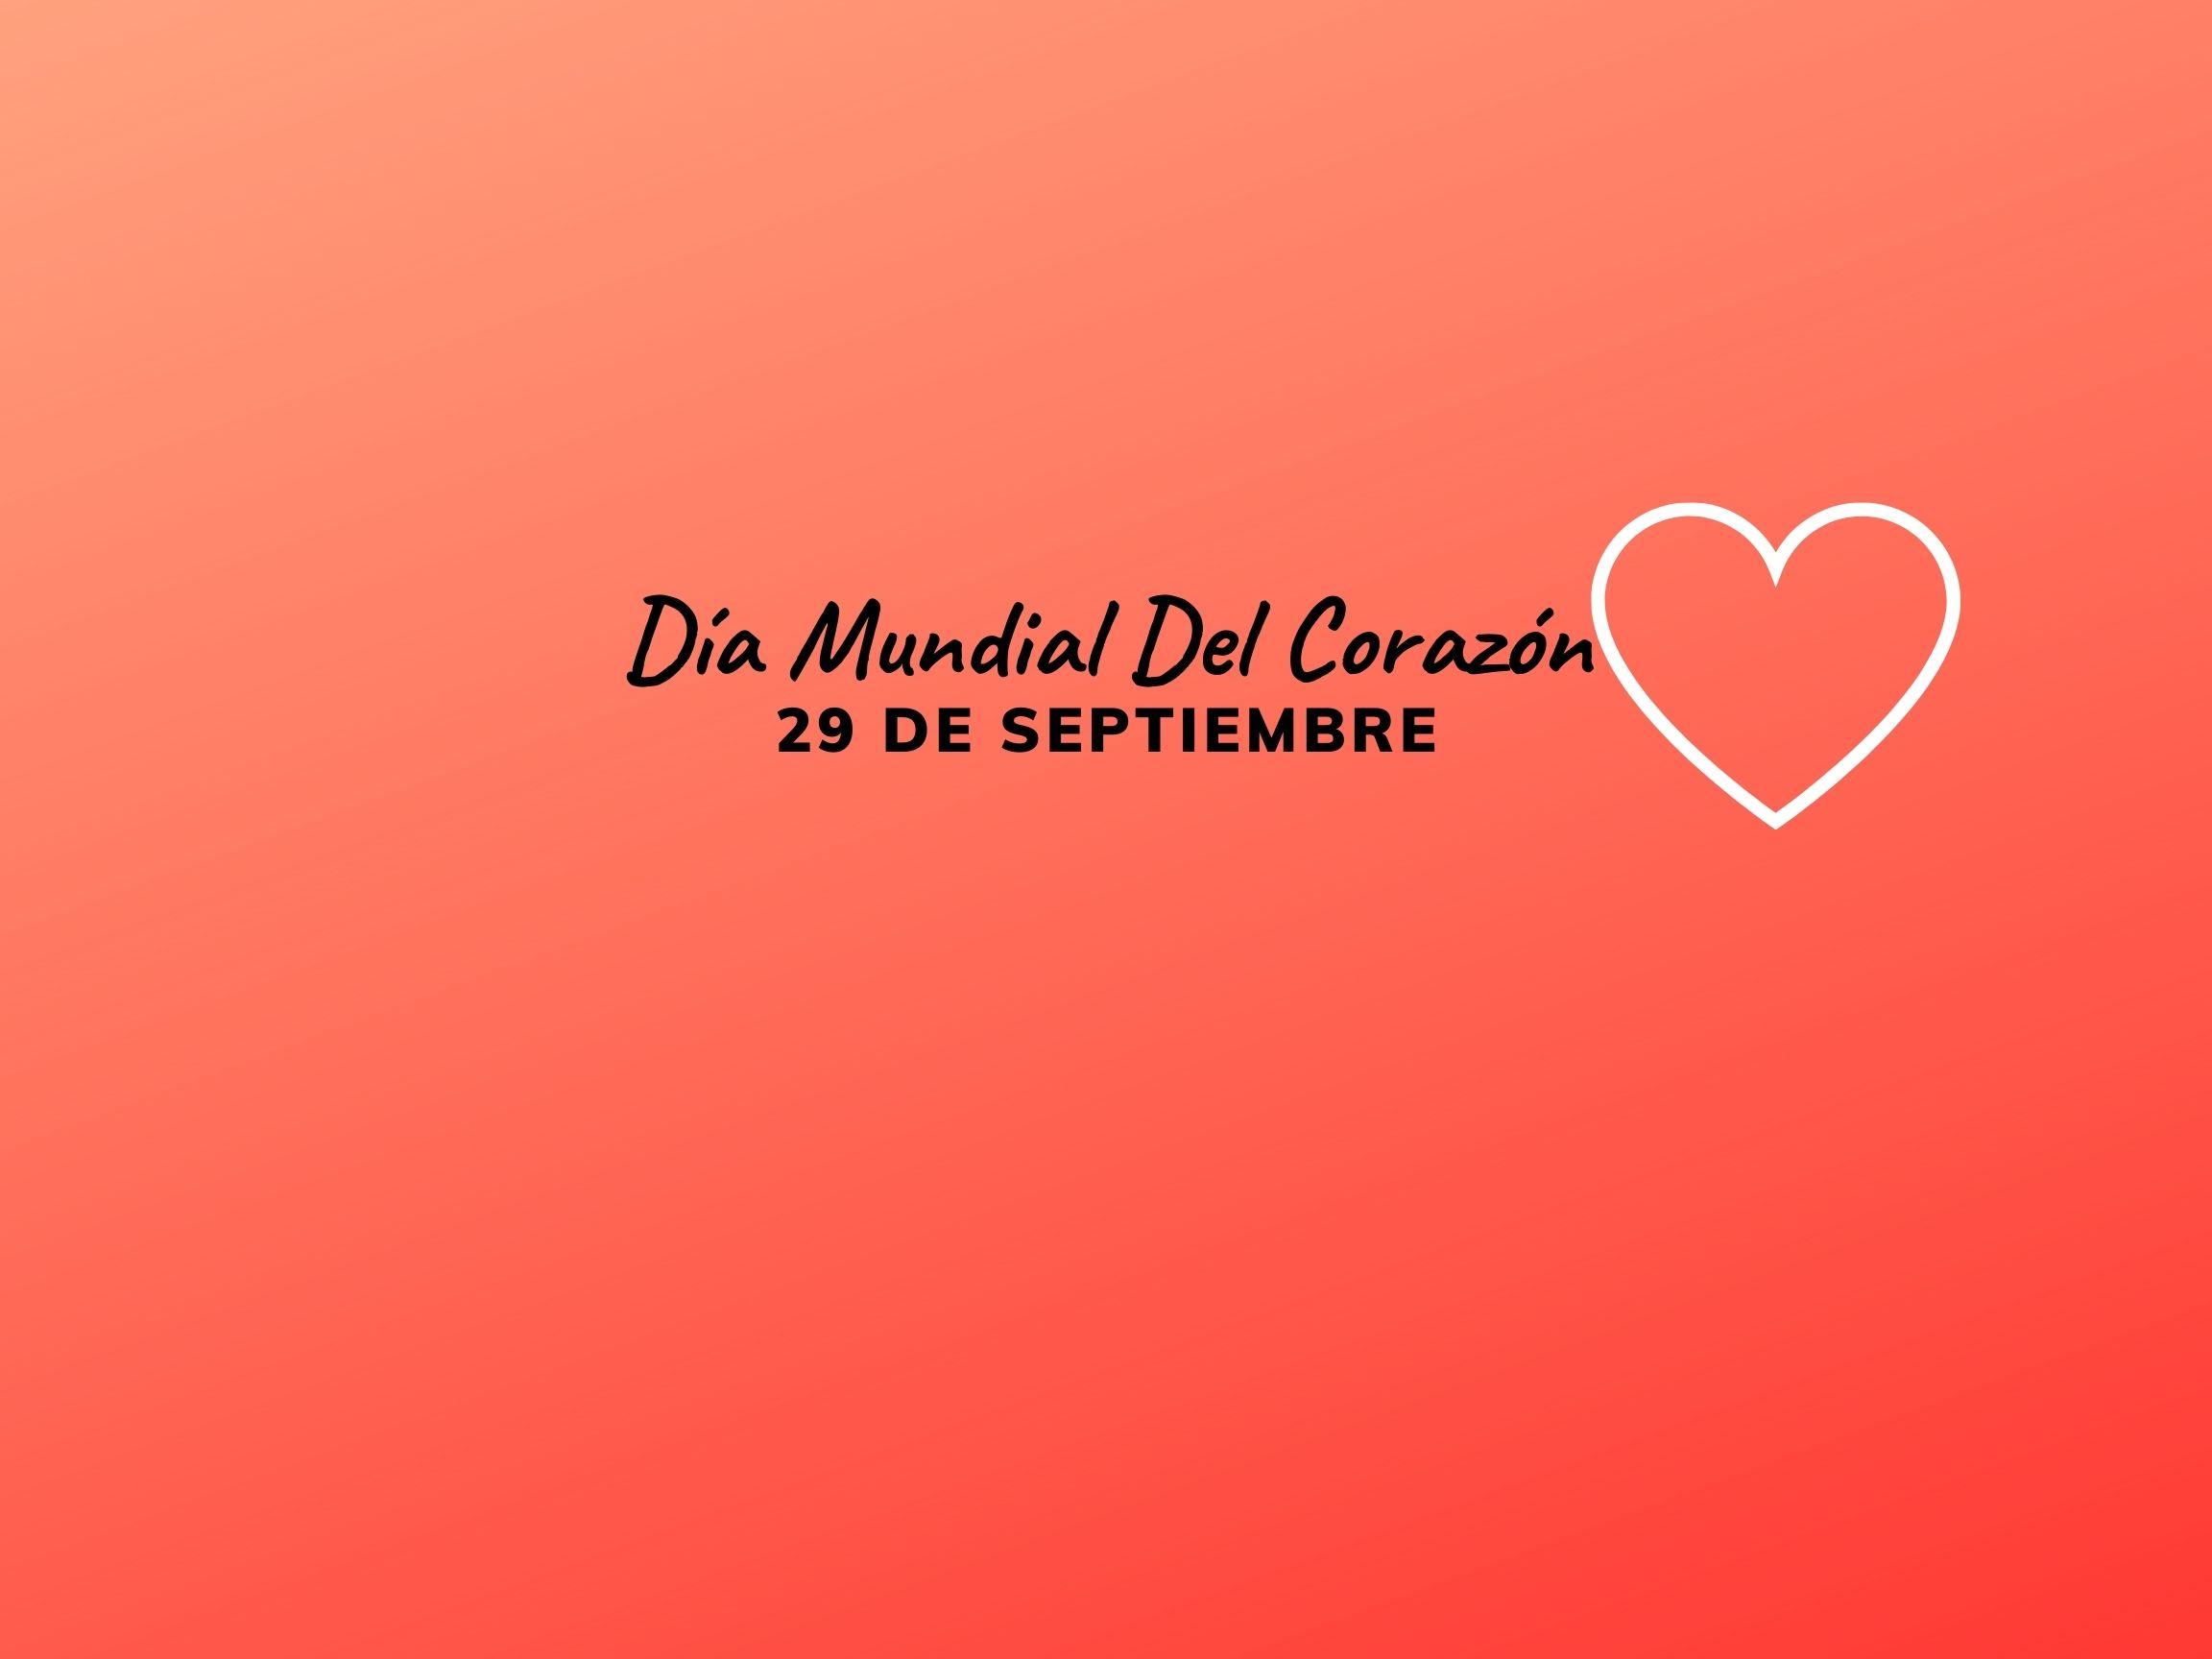 Día Mundial del Corazón.